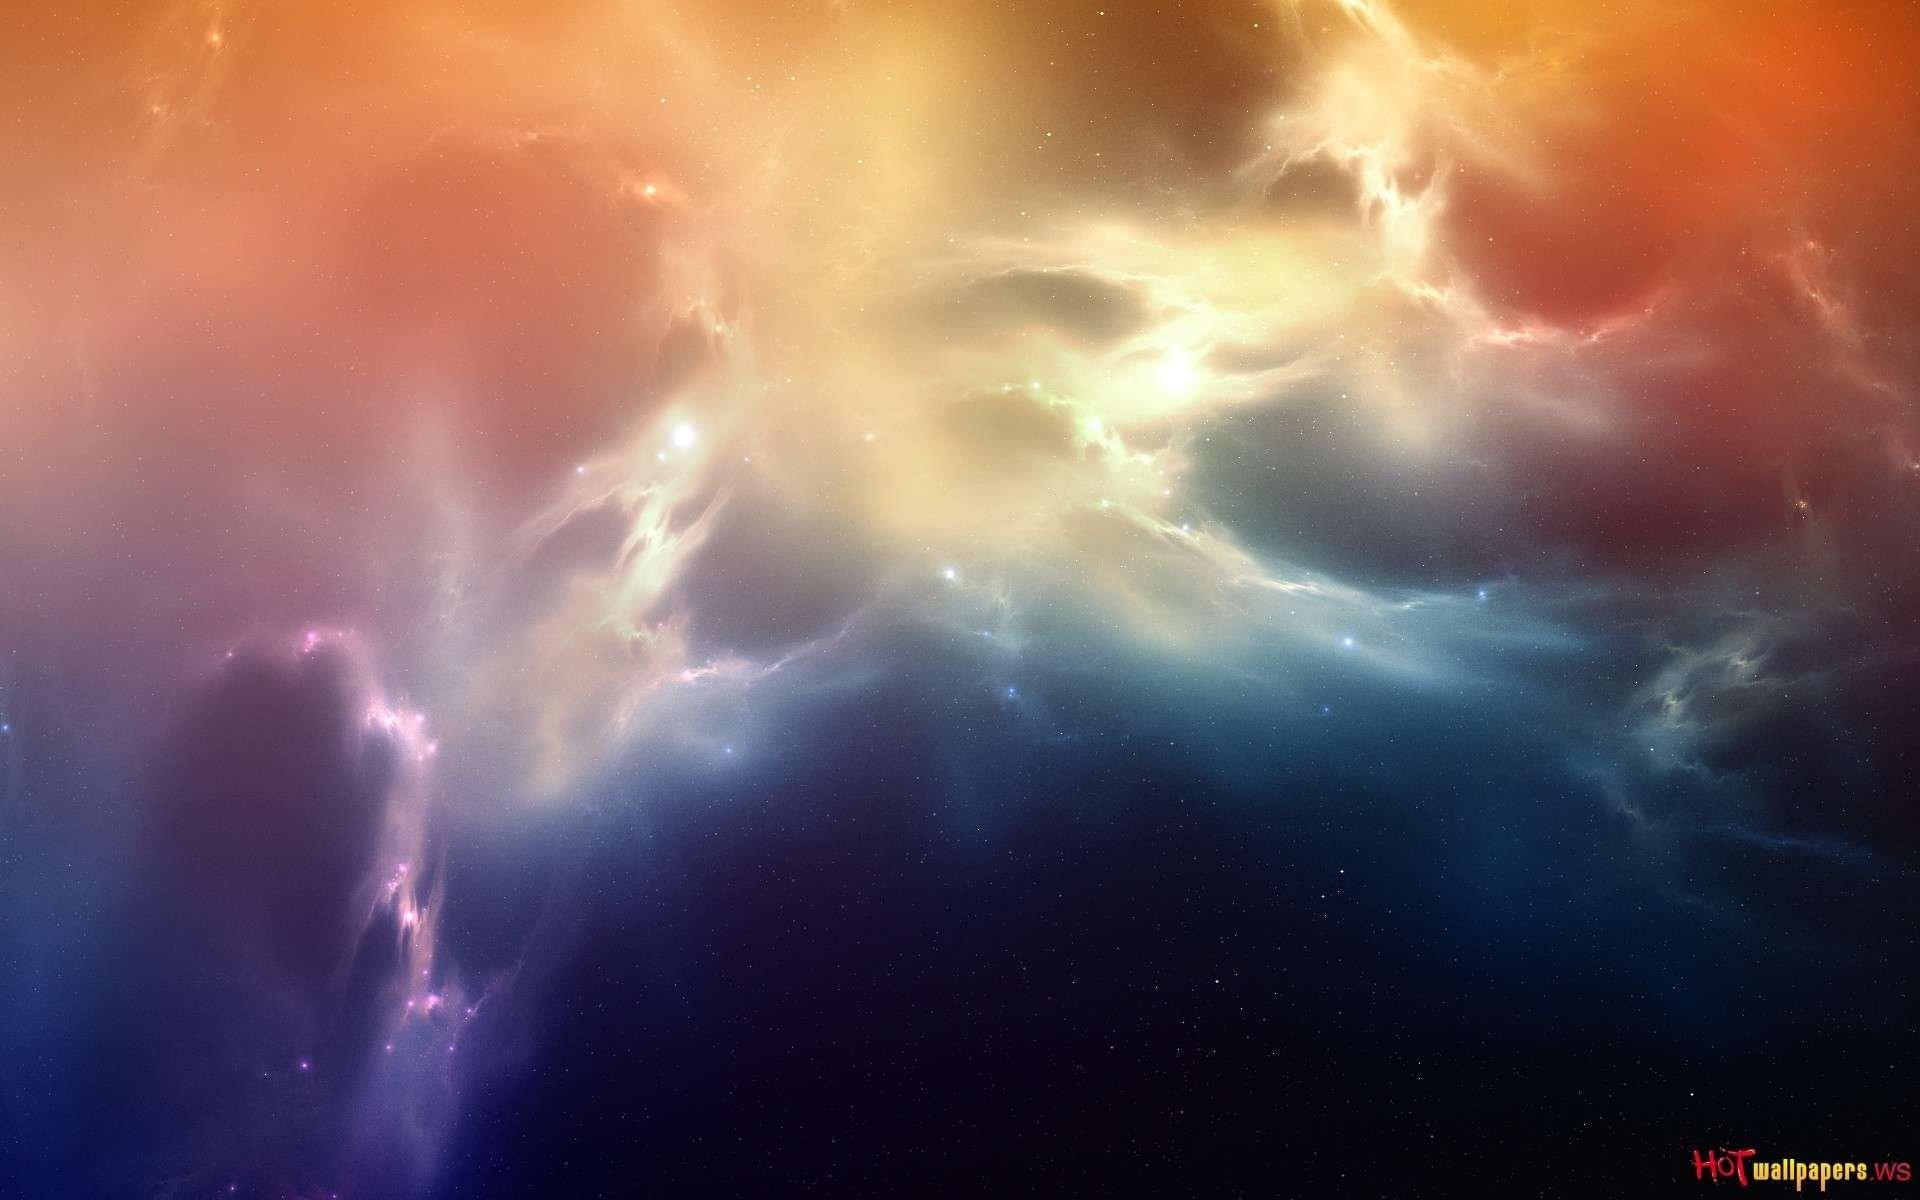 Nebula 746985